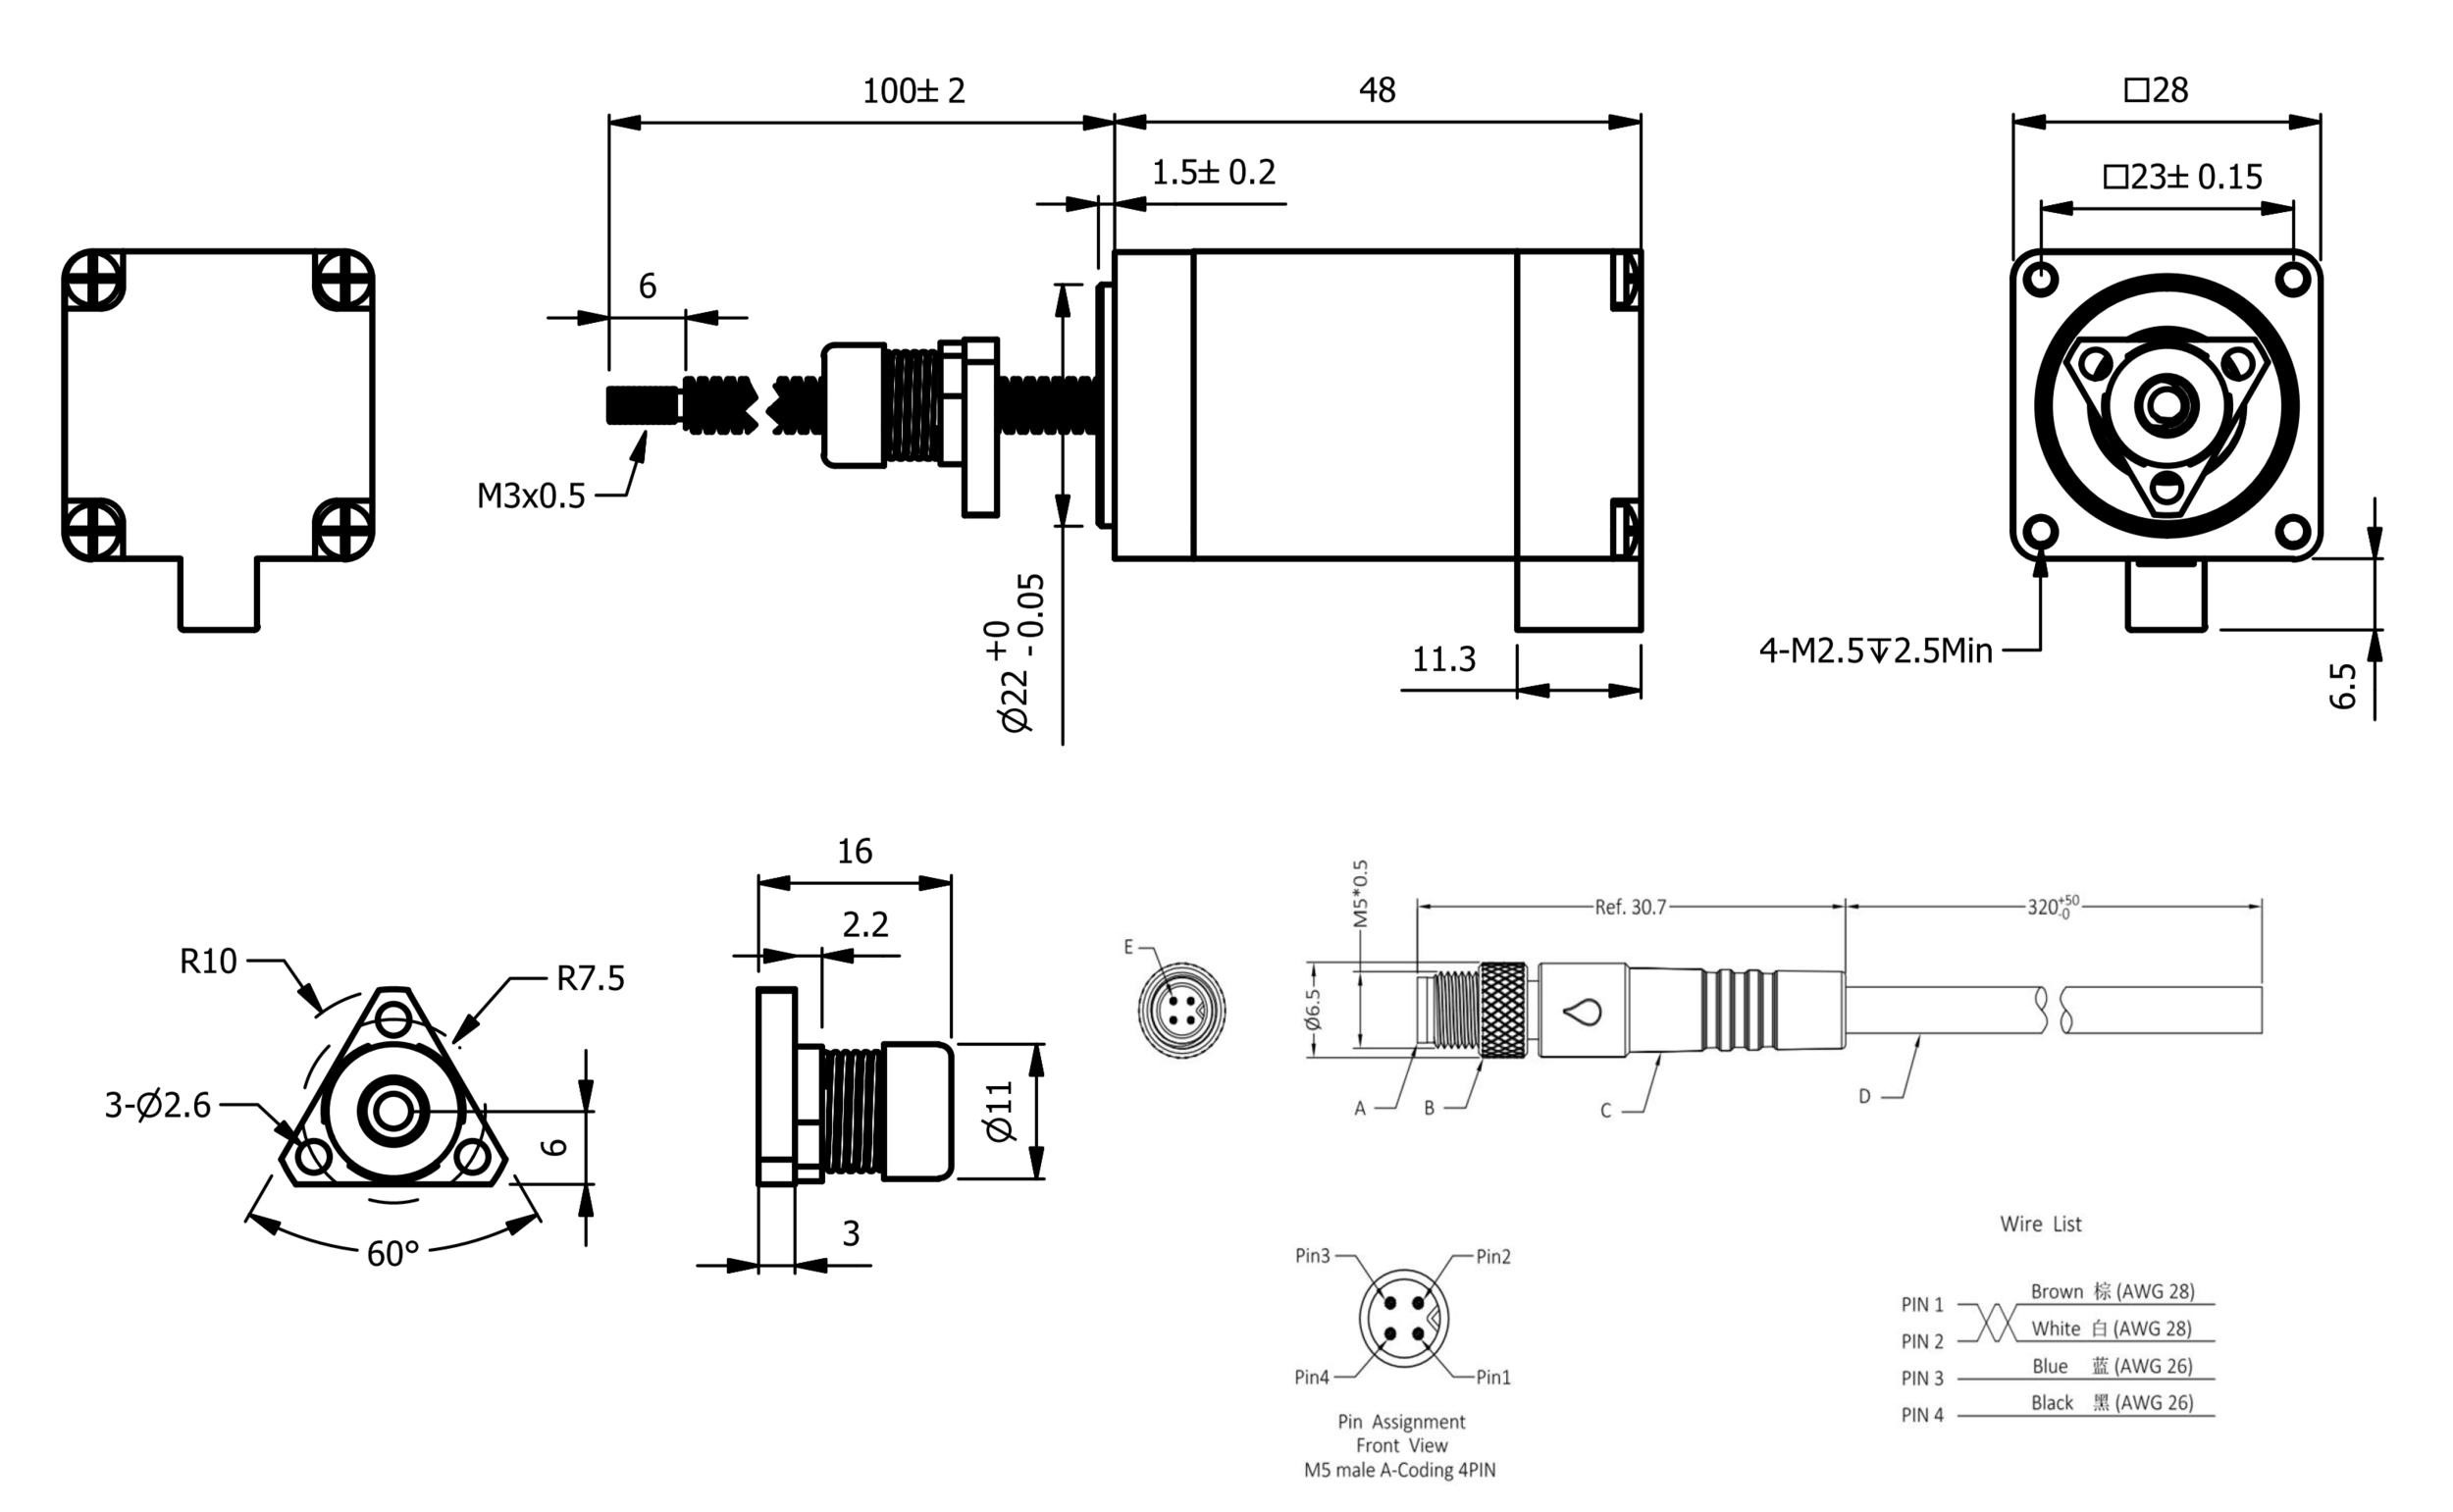 NEMA 11 IP54 External Linear Actuator Drawing